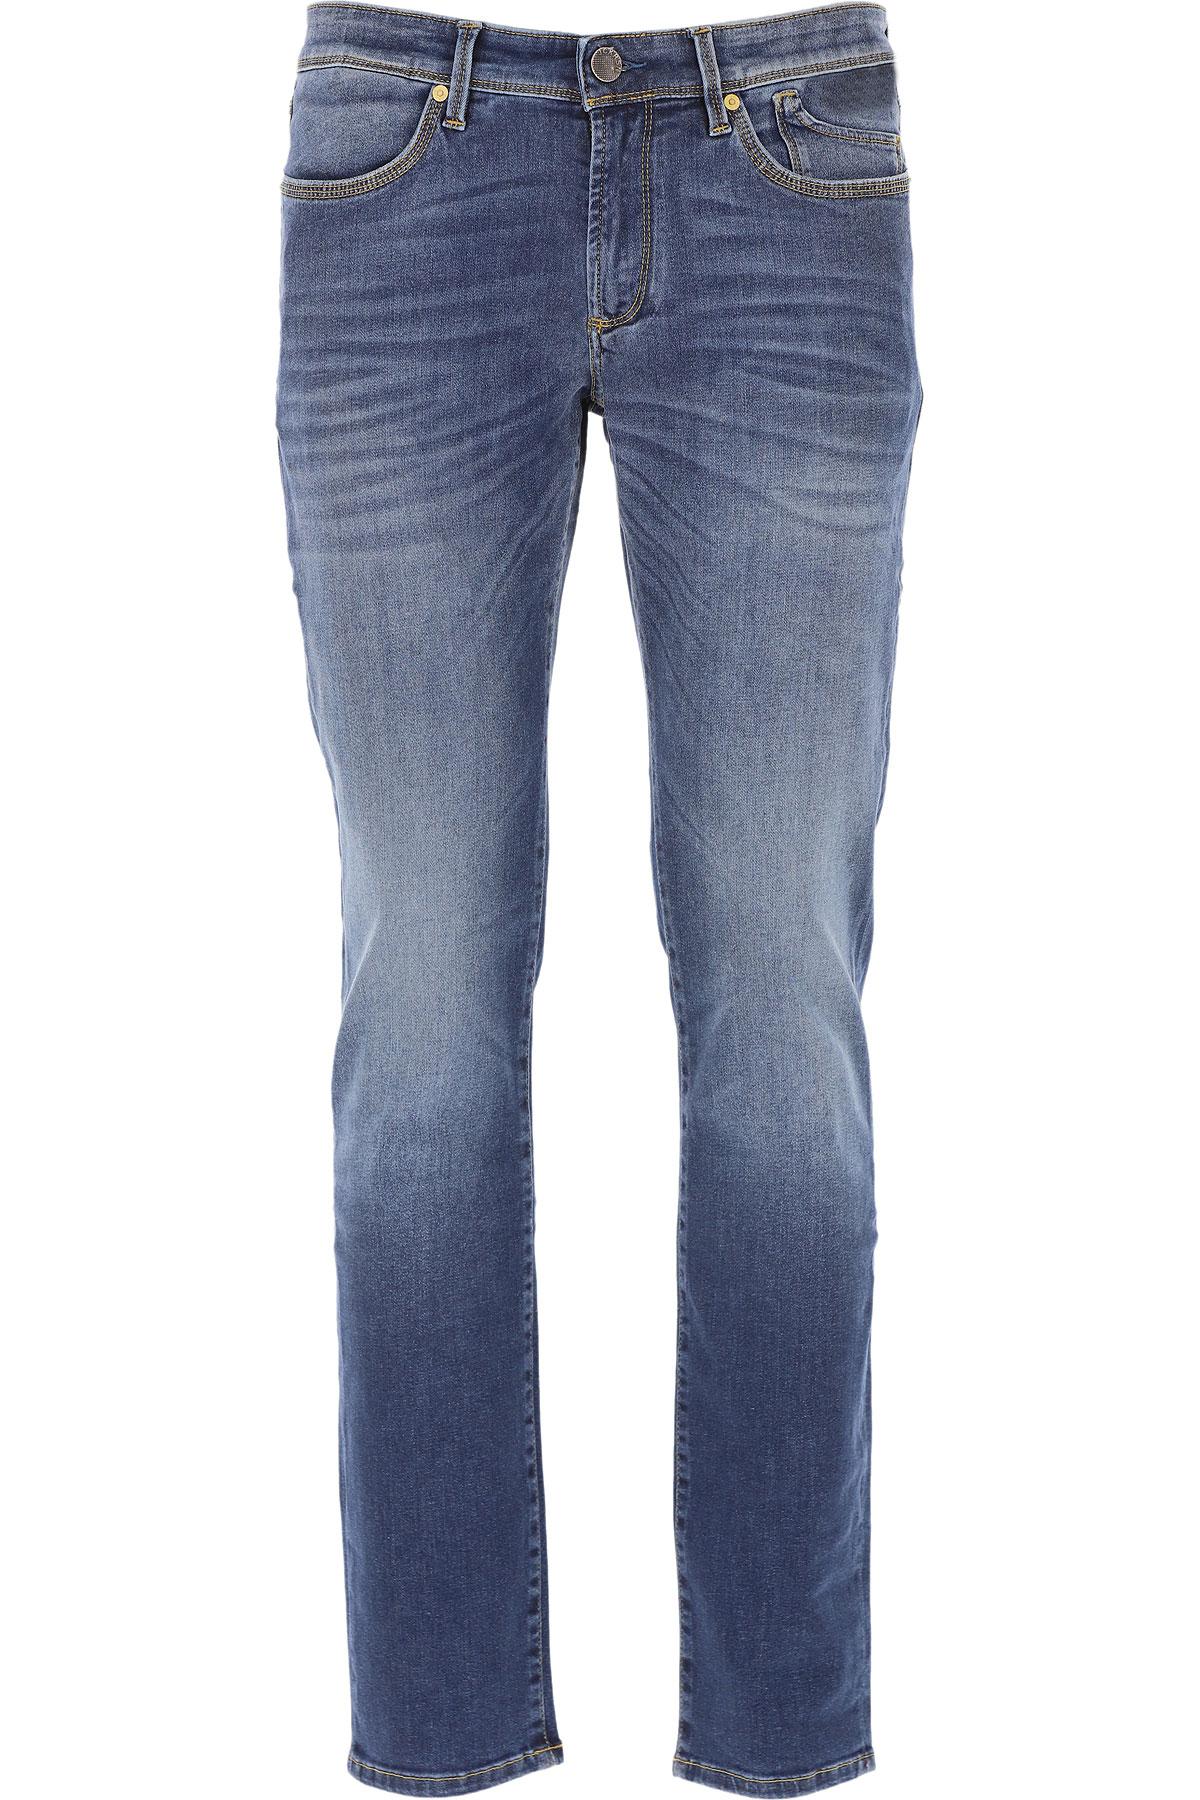 Jeckerson Jeans On Sale, Denim Blue, Cotton, 2019, 30 31 32 33 34 36 40